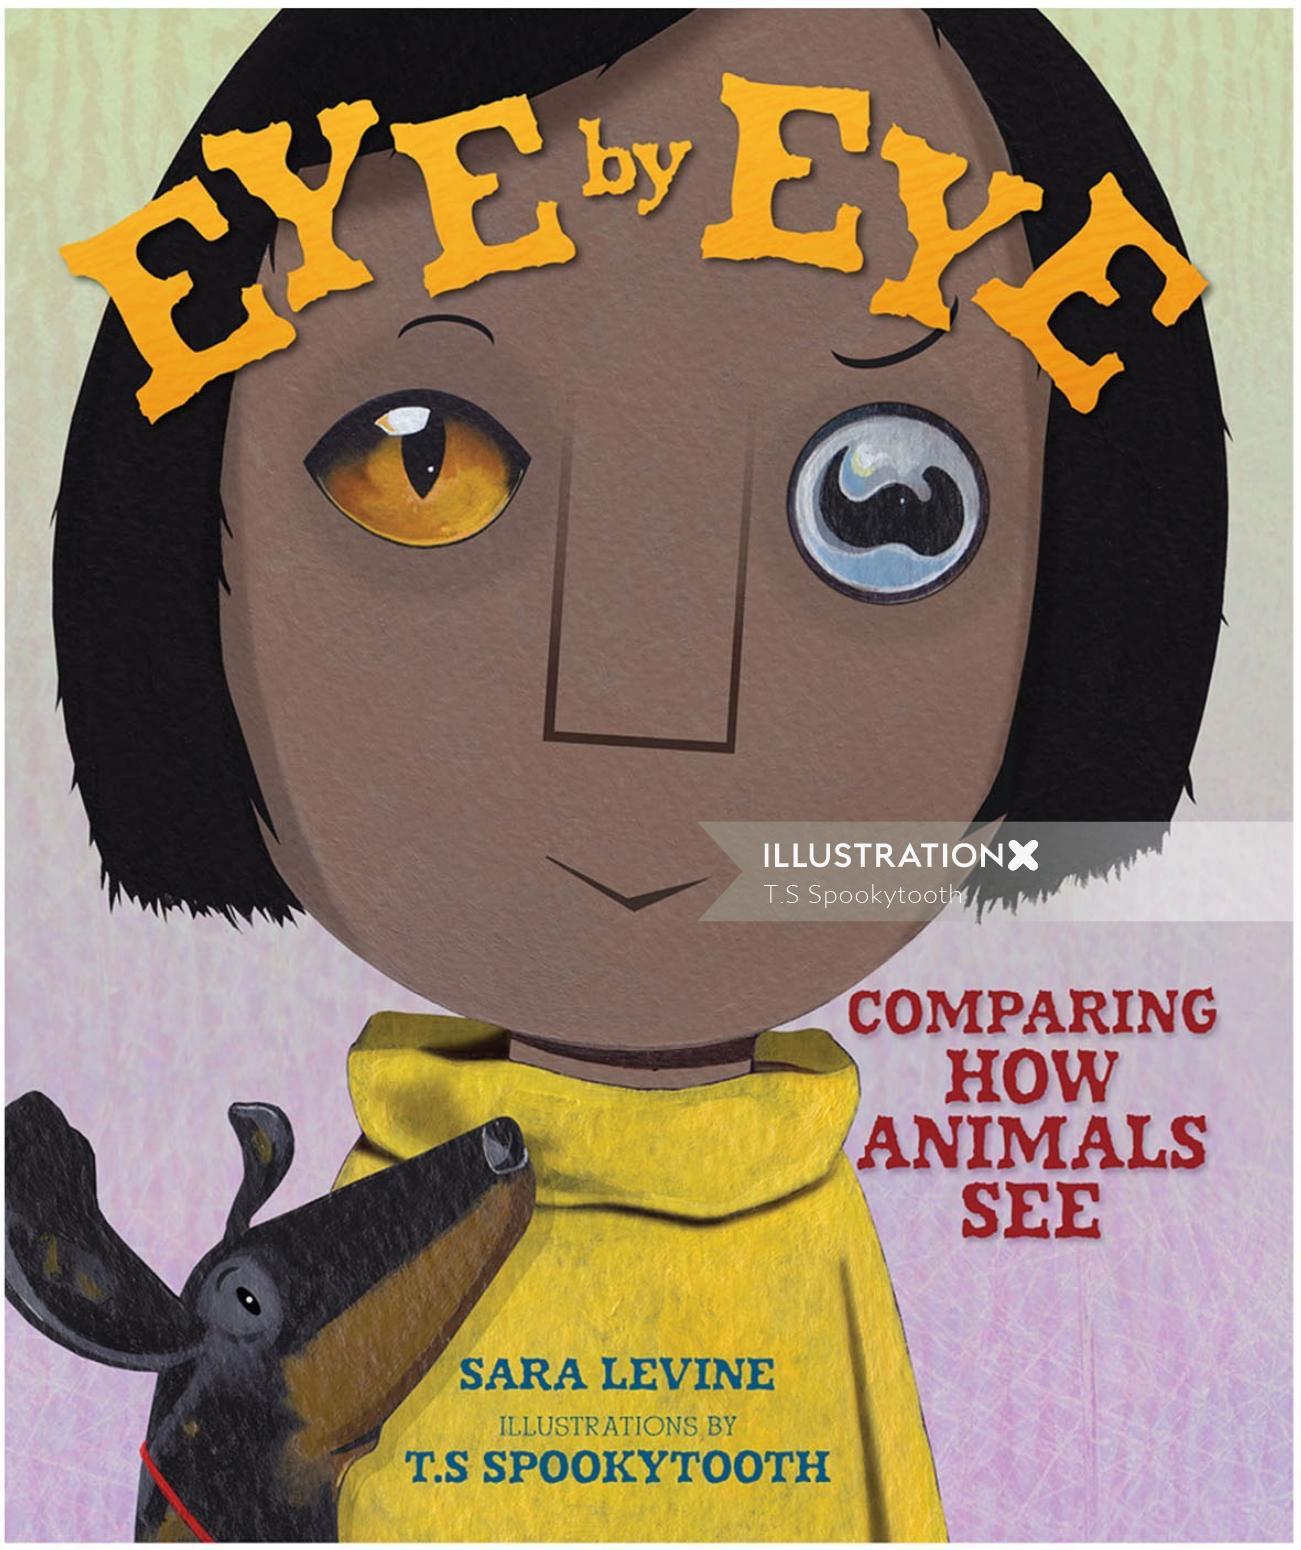 children eye by eye